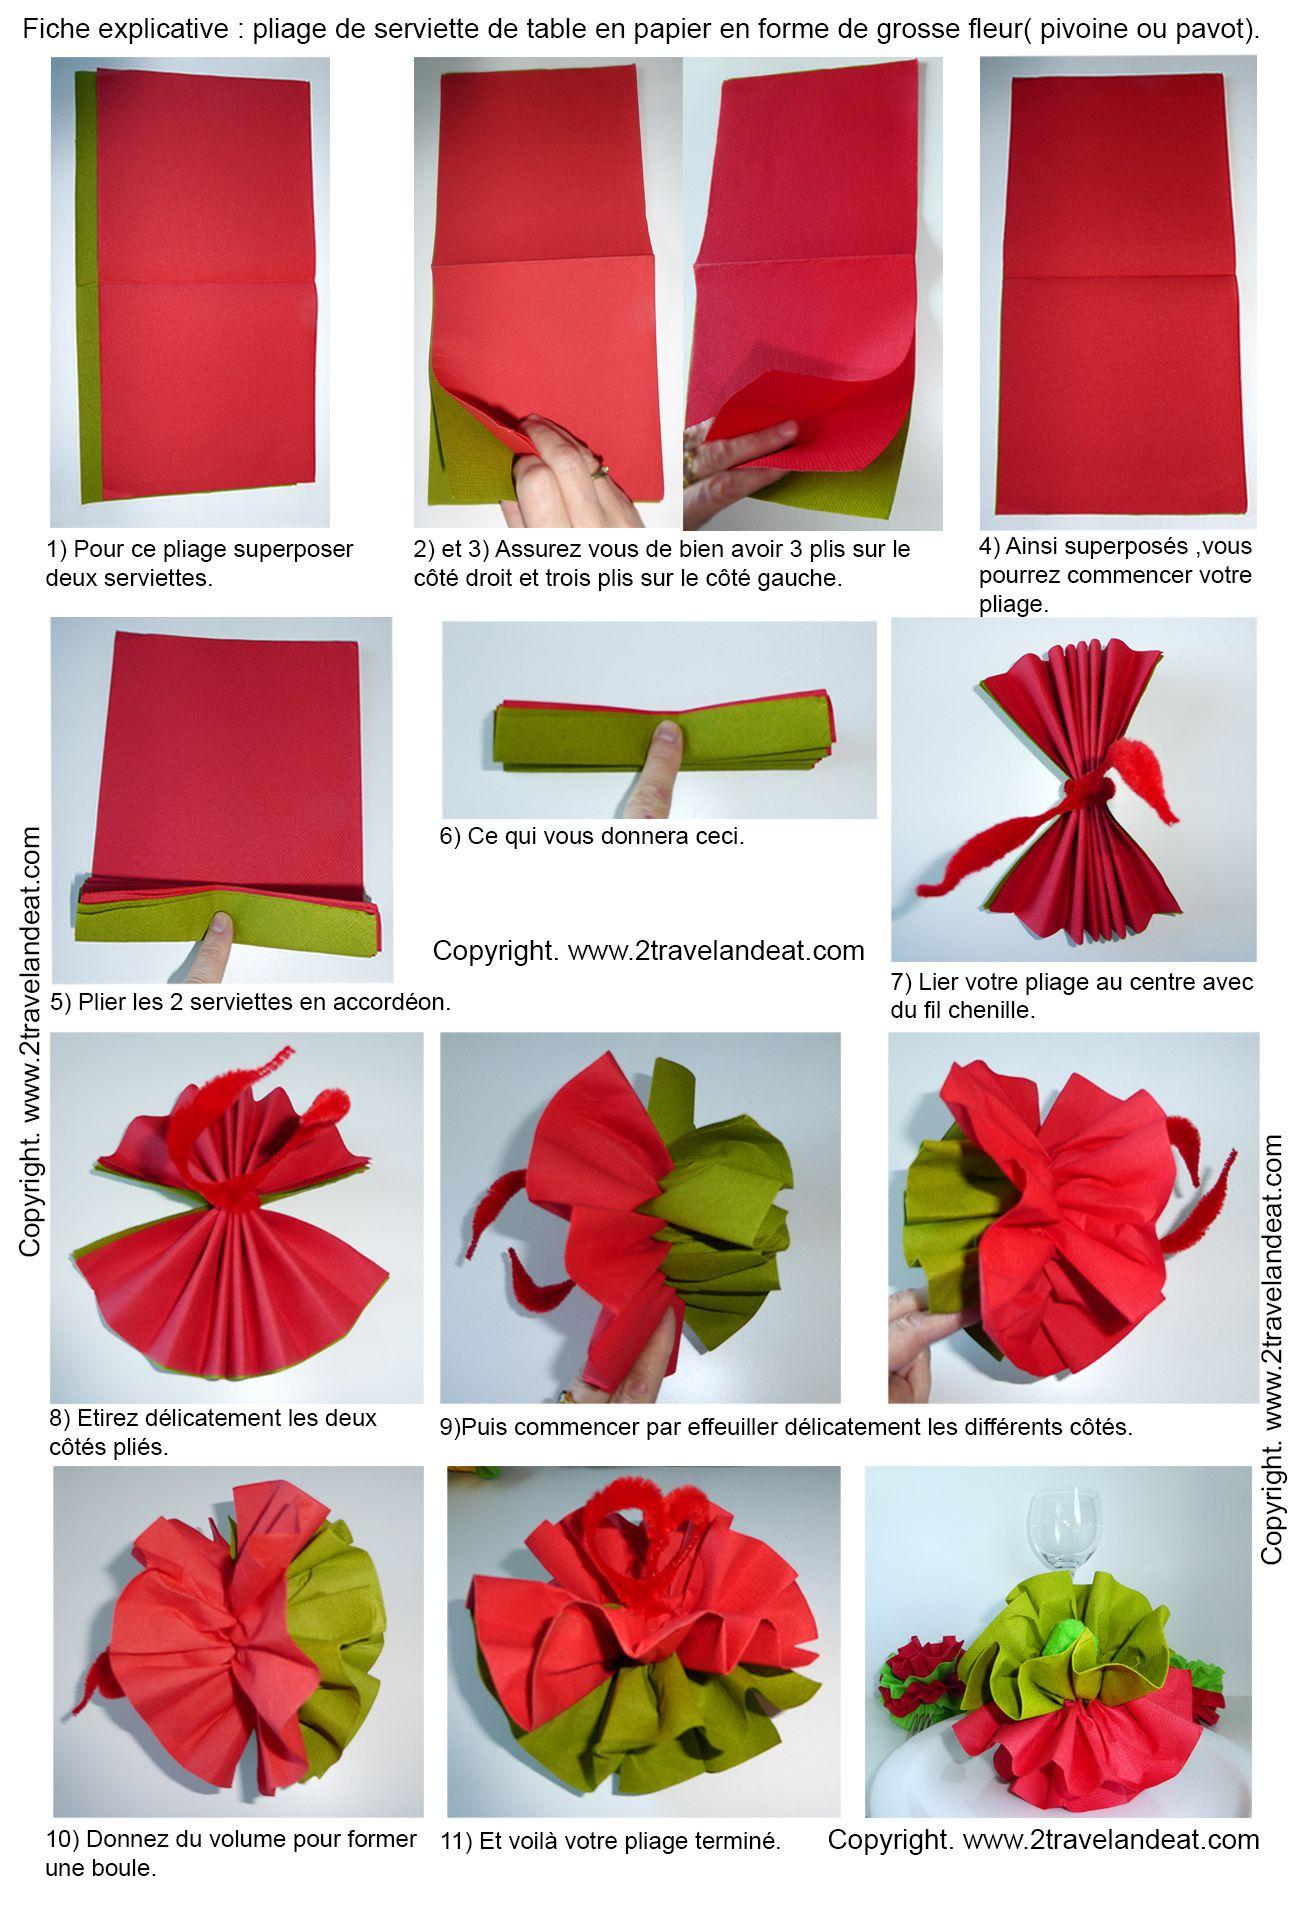 pliage de serviettes de table en papier pliage de papier origami deocration de table plier du papier decor de table origami serviettes en papier